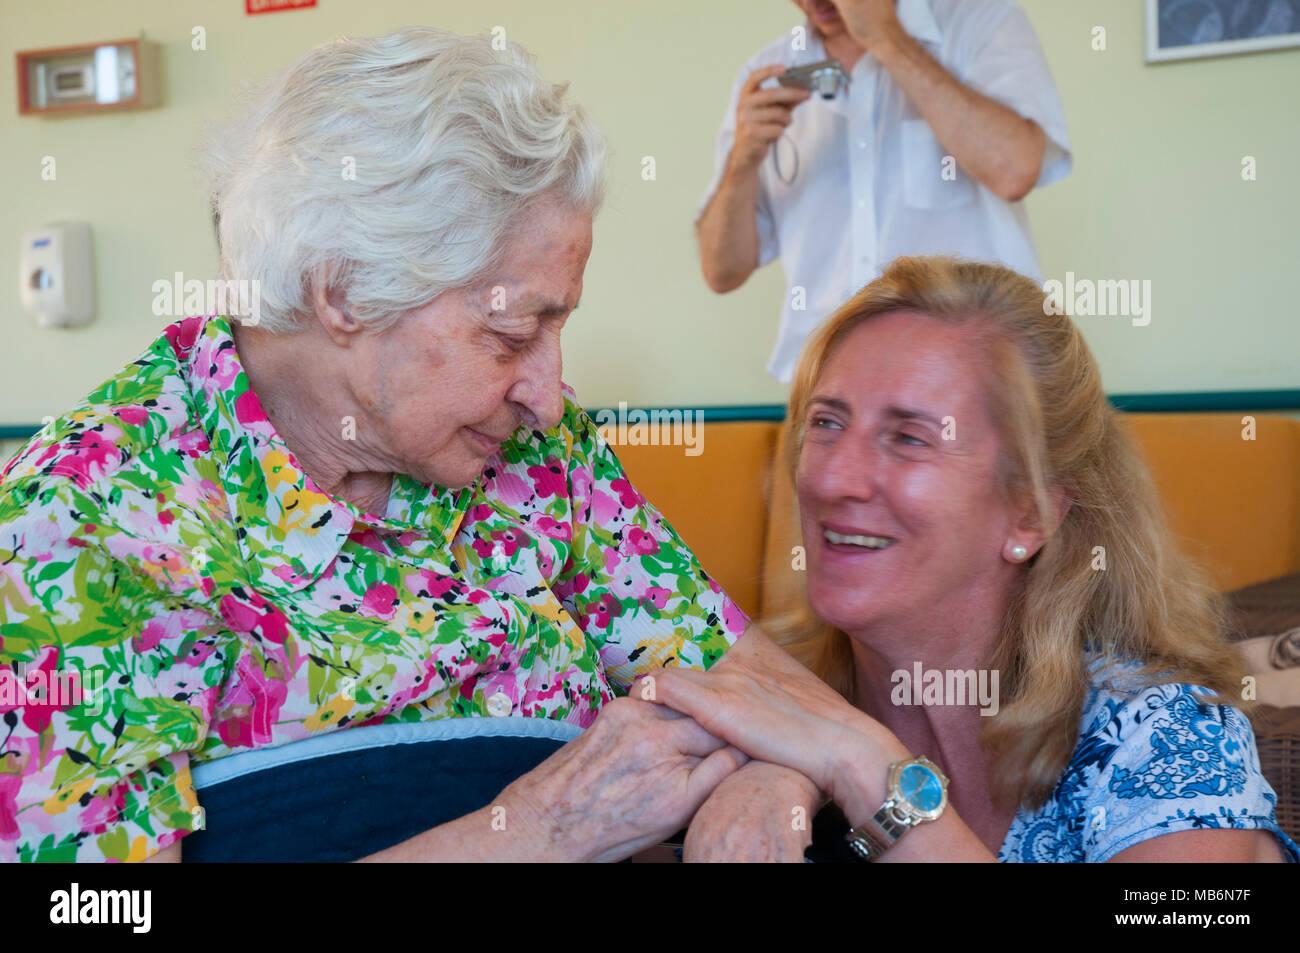 Vieja dama y mujer madura miran y sonríen. Imagen De Stock